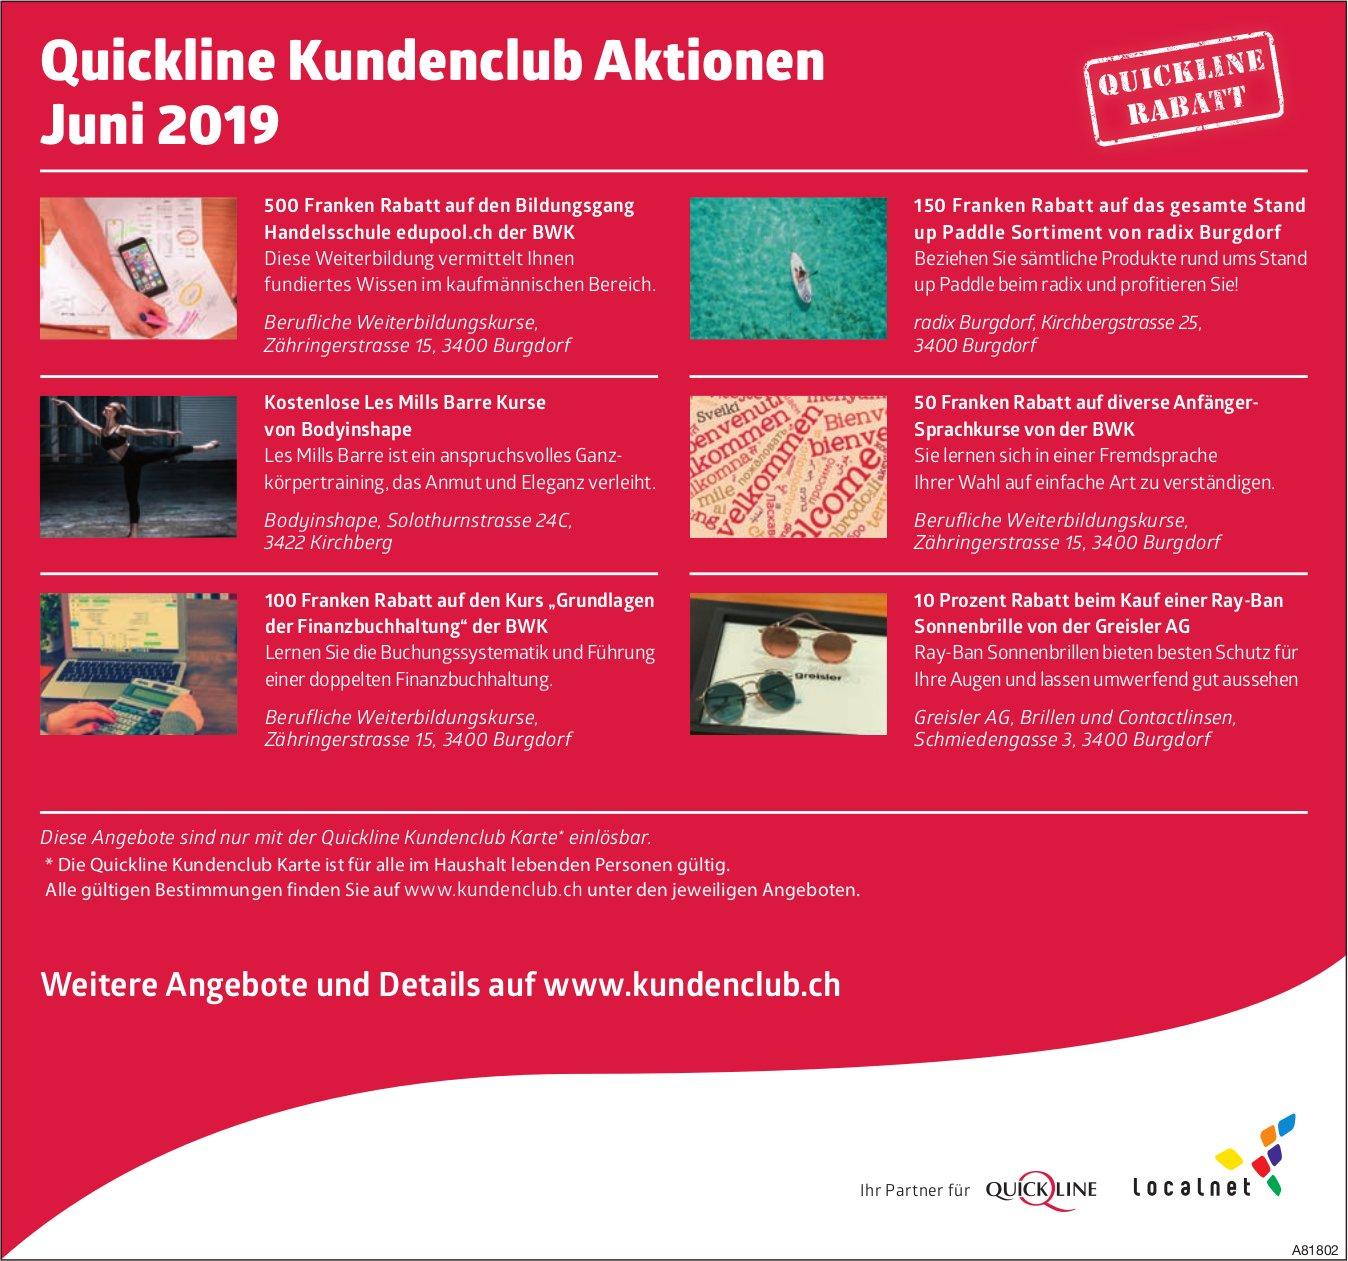 Quickline Kundenclub - Aktionen Juni 2019